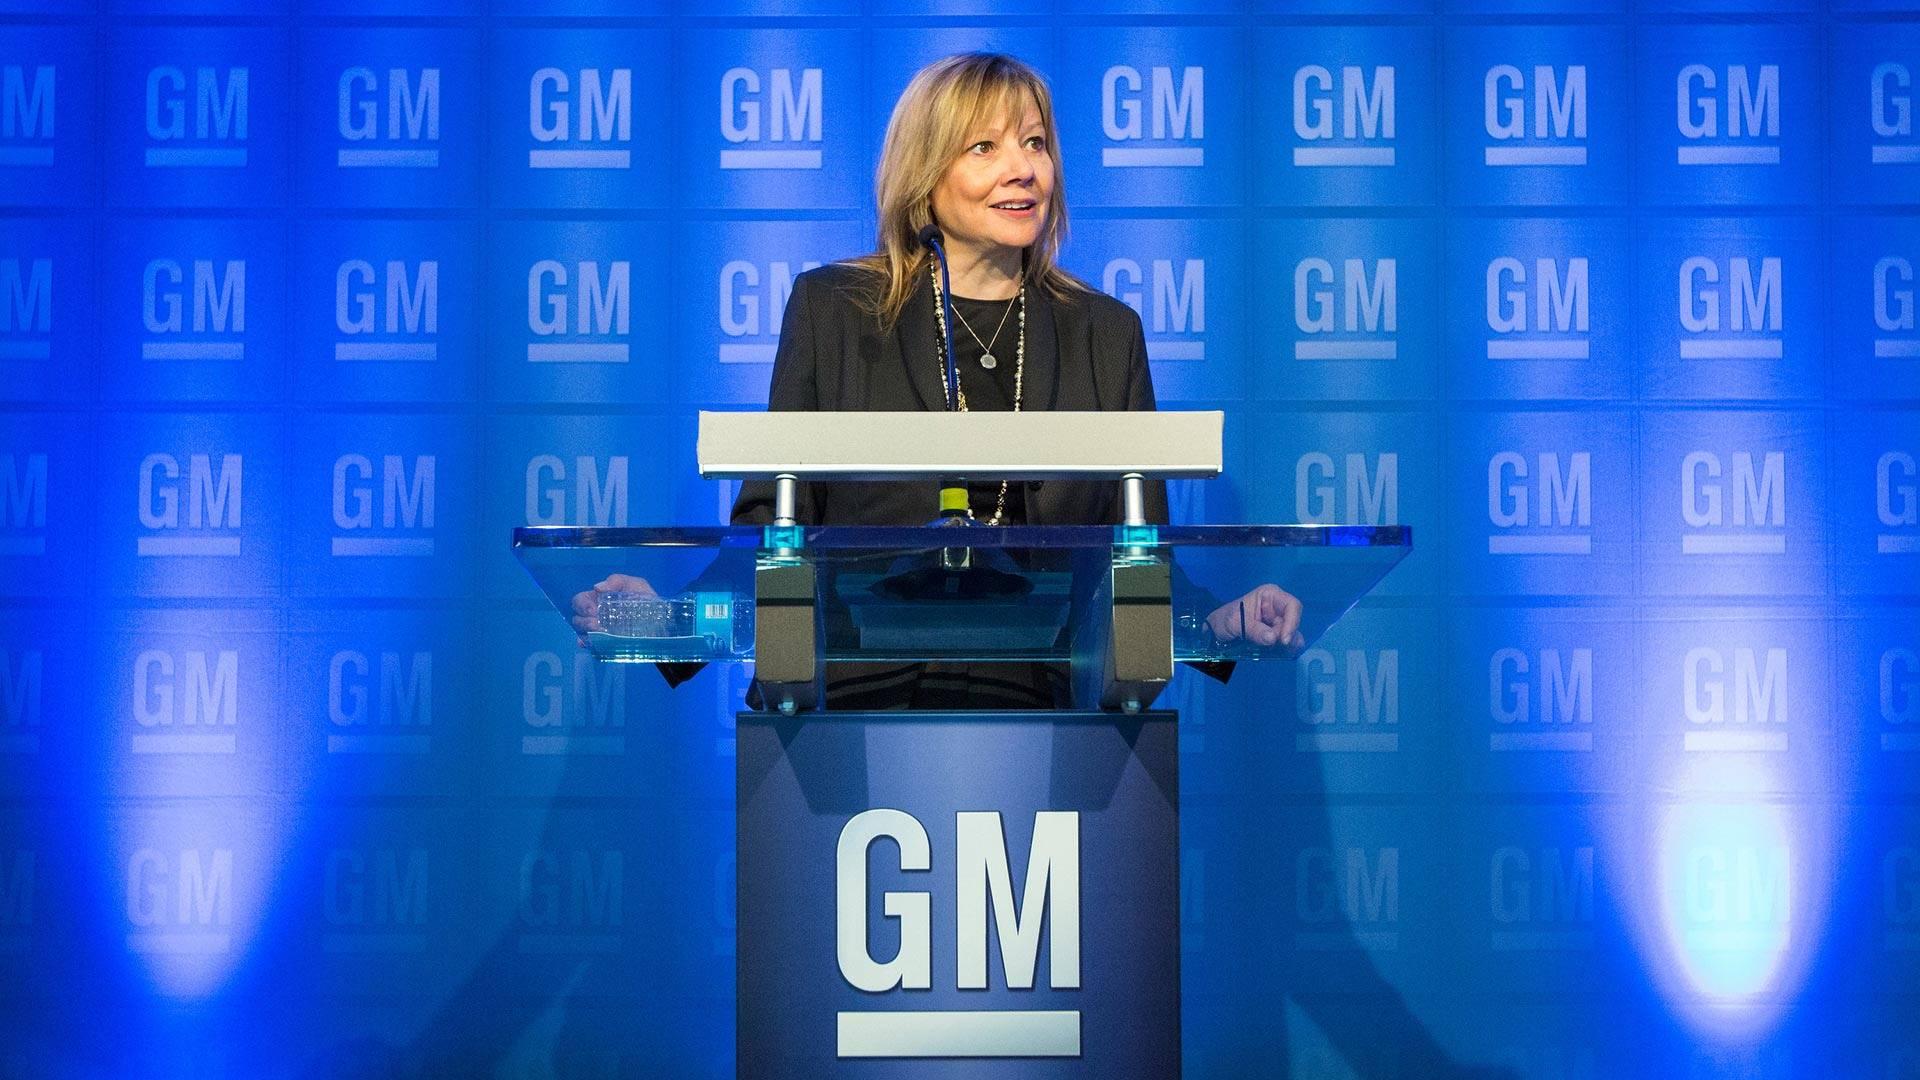 Les salariés de GM obtiennent une prime de 11'000 dollars pour reprendre leur travail